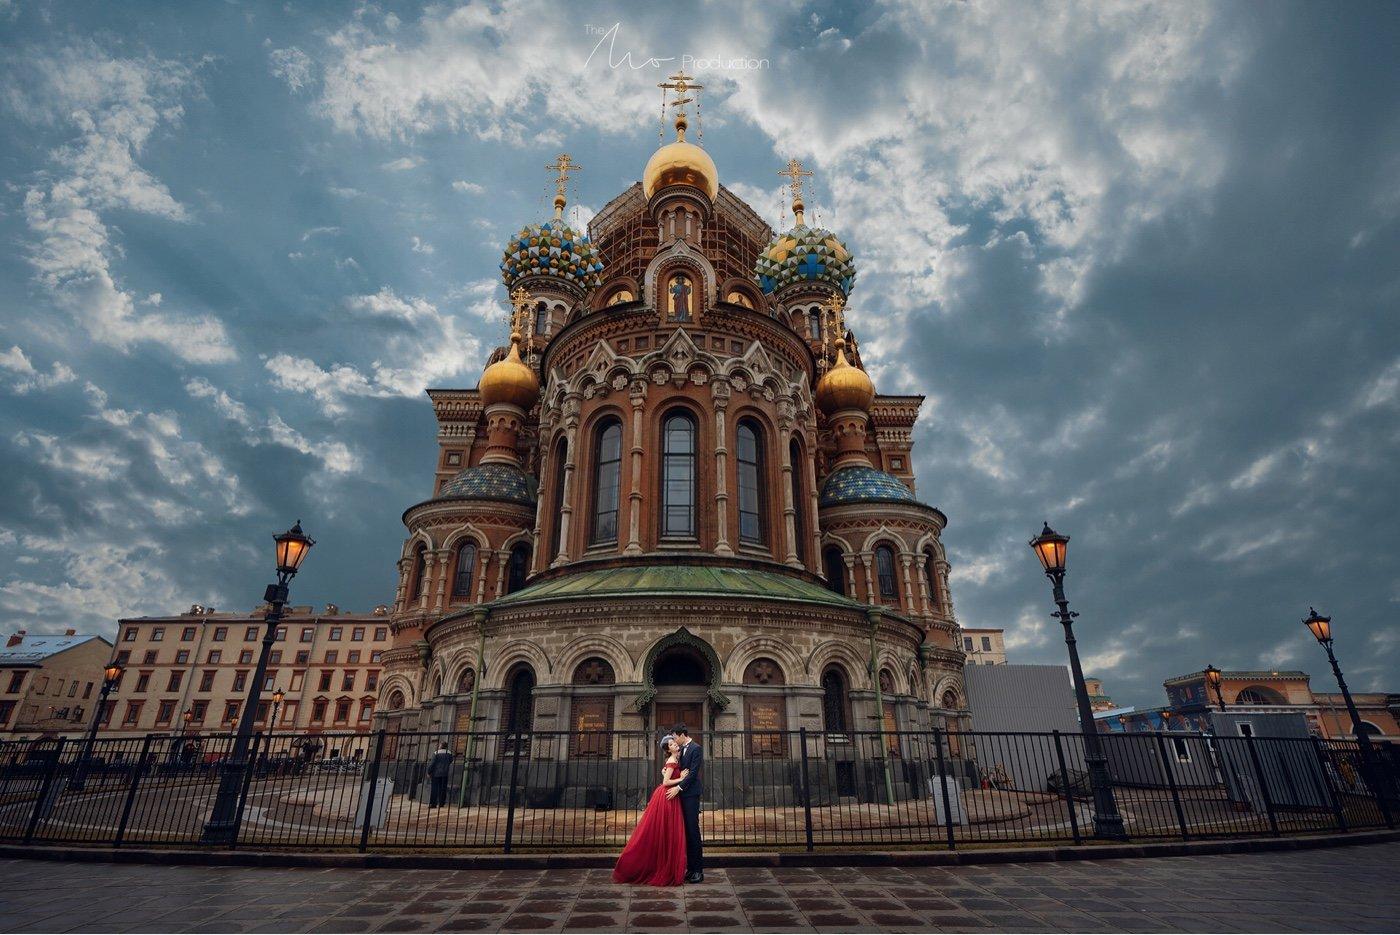 MoFoTo | 婚纱旅拍  圣彼得堡7